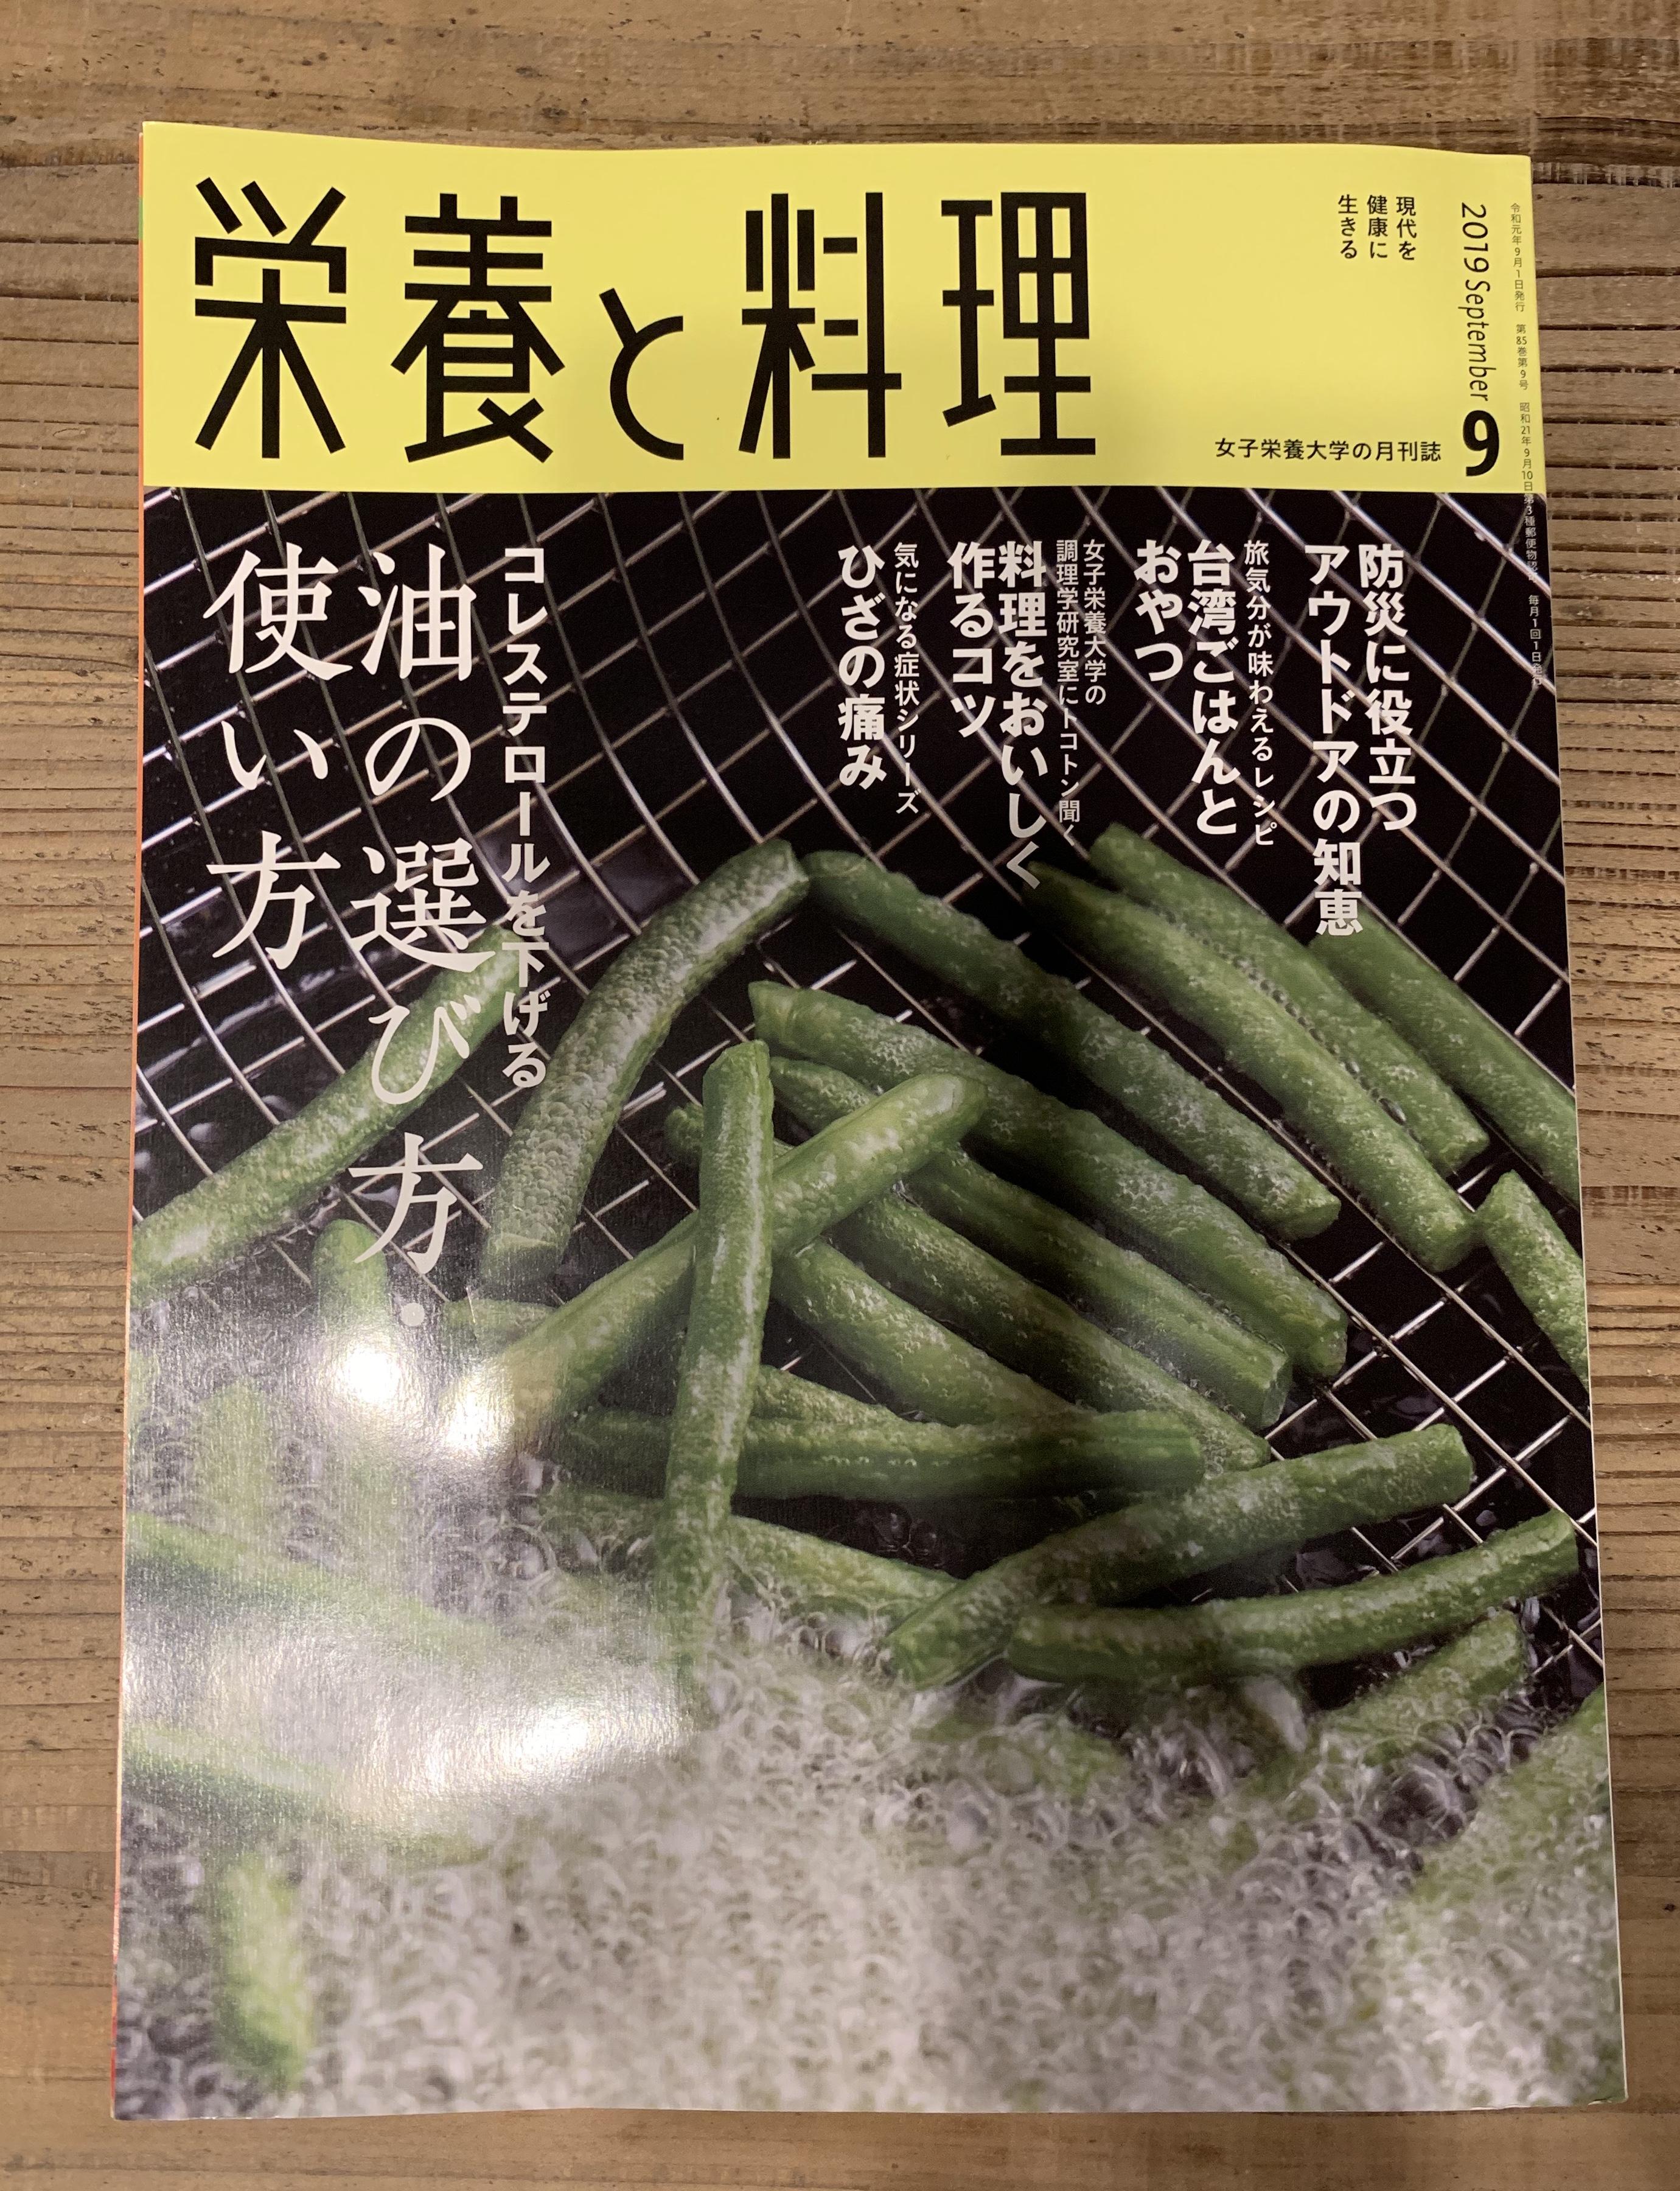 【参加者募集】栄養と料理×さとの雪「今話題のおからパウダーを通して学ぶ大豆の機能性と上手な摂取の仕方」